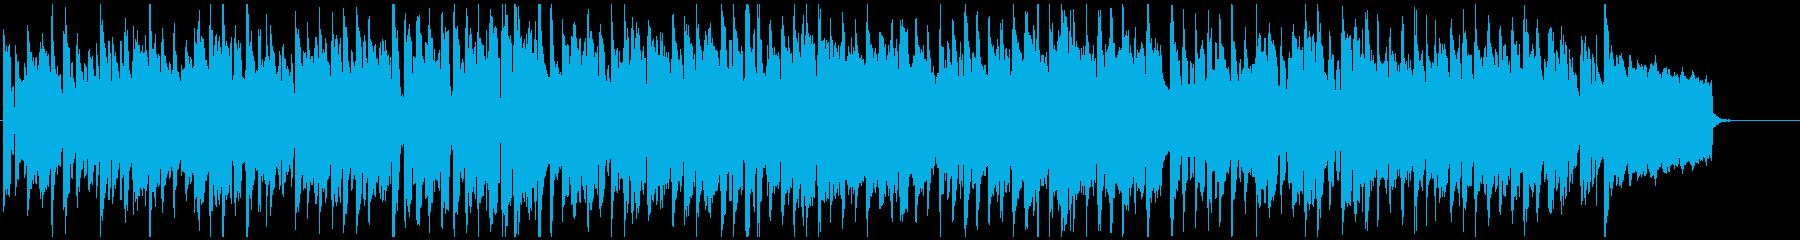 ウキウキ明るい、楽しいリコーダー・ポップの再生済みの波形